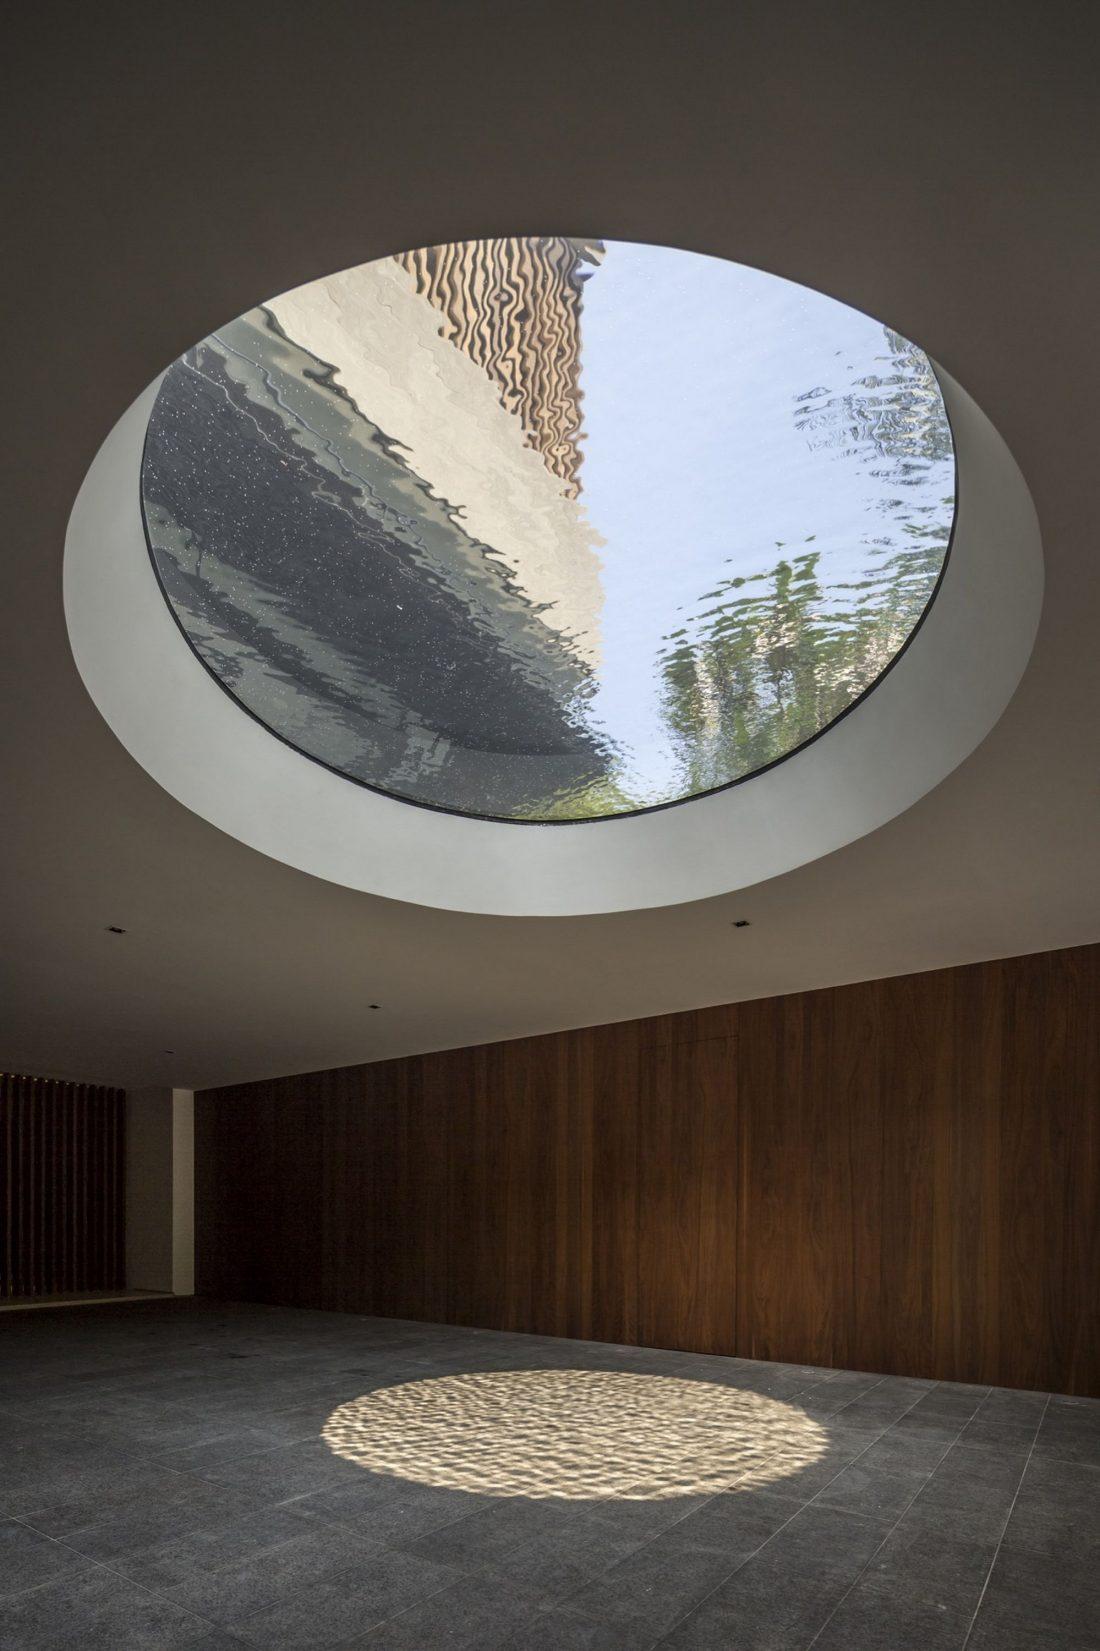 dom-s-sekretnym-sadom-proekt-studii-wallflower-architecture-30